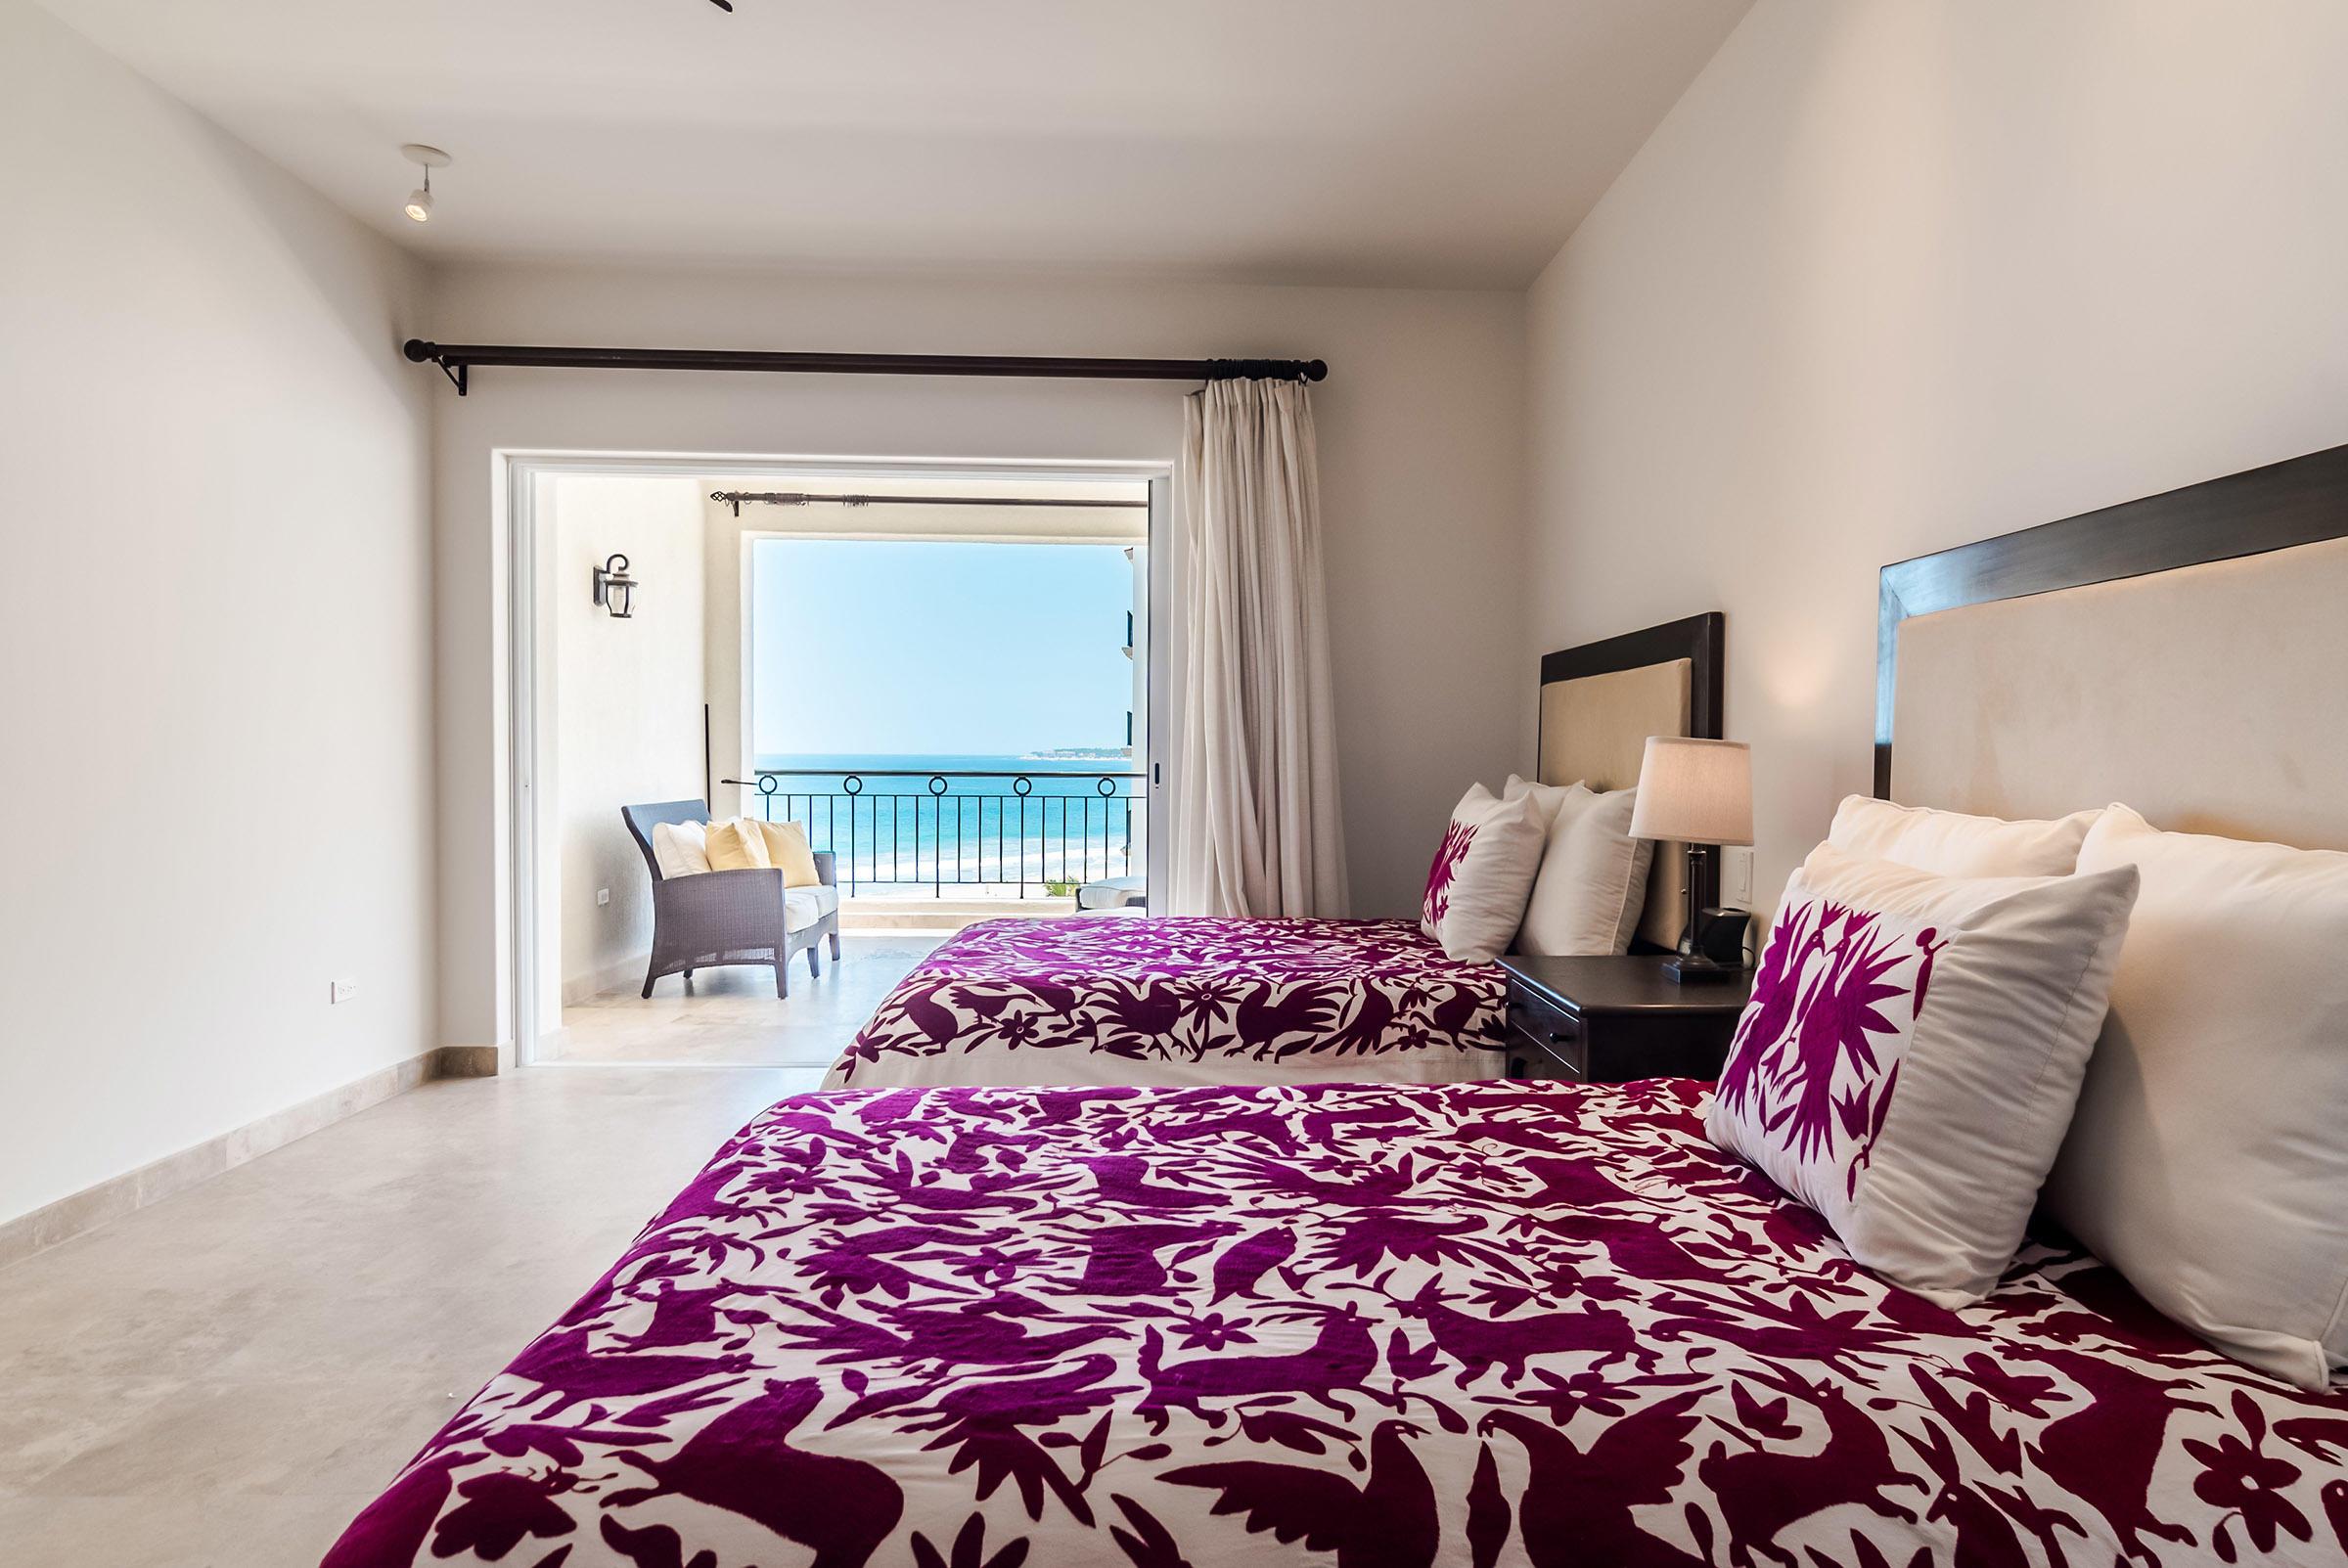 San Jose del Cabo, 2 Bedrooms Bedrooms, 6 Rooms Rooms,2 BathroomsBathrooms,Condo,For Sale,Tortuga Bay Condo,19-1560